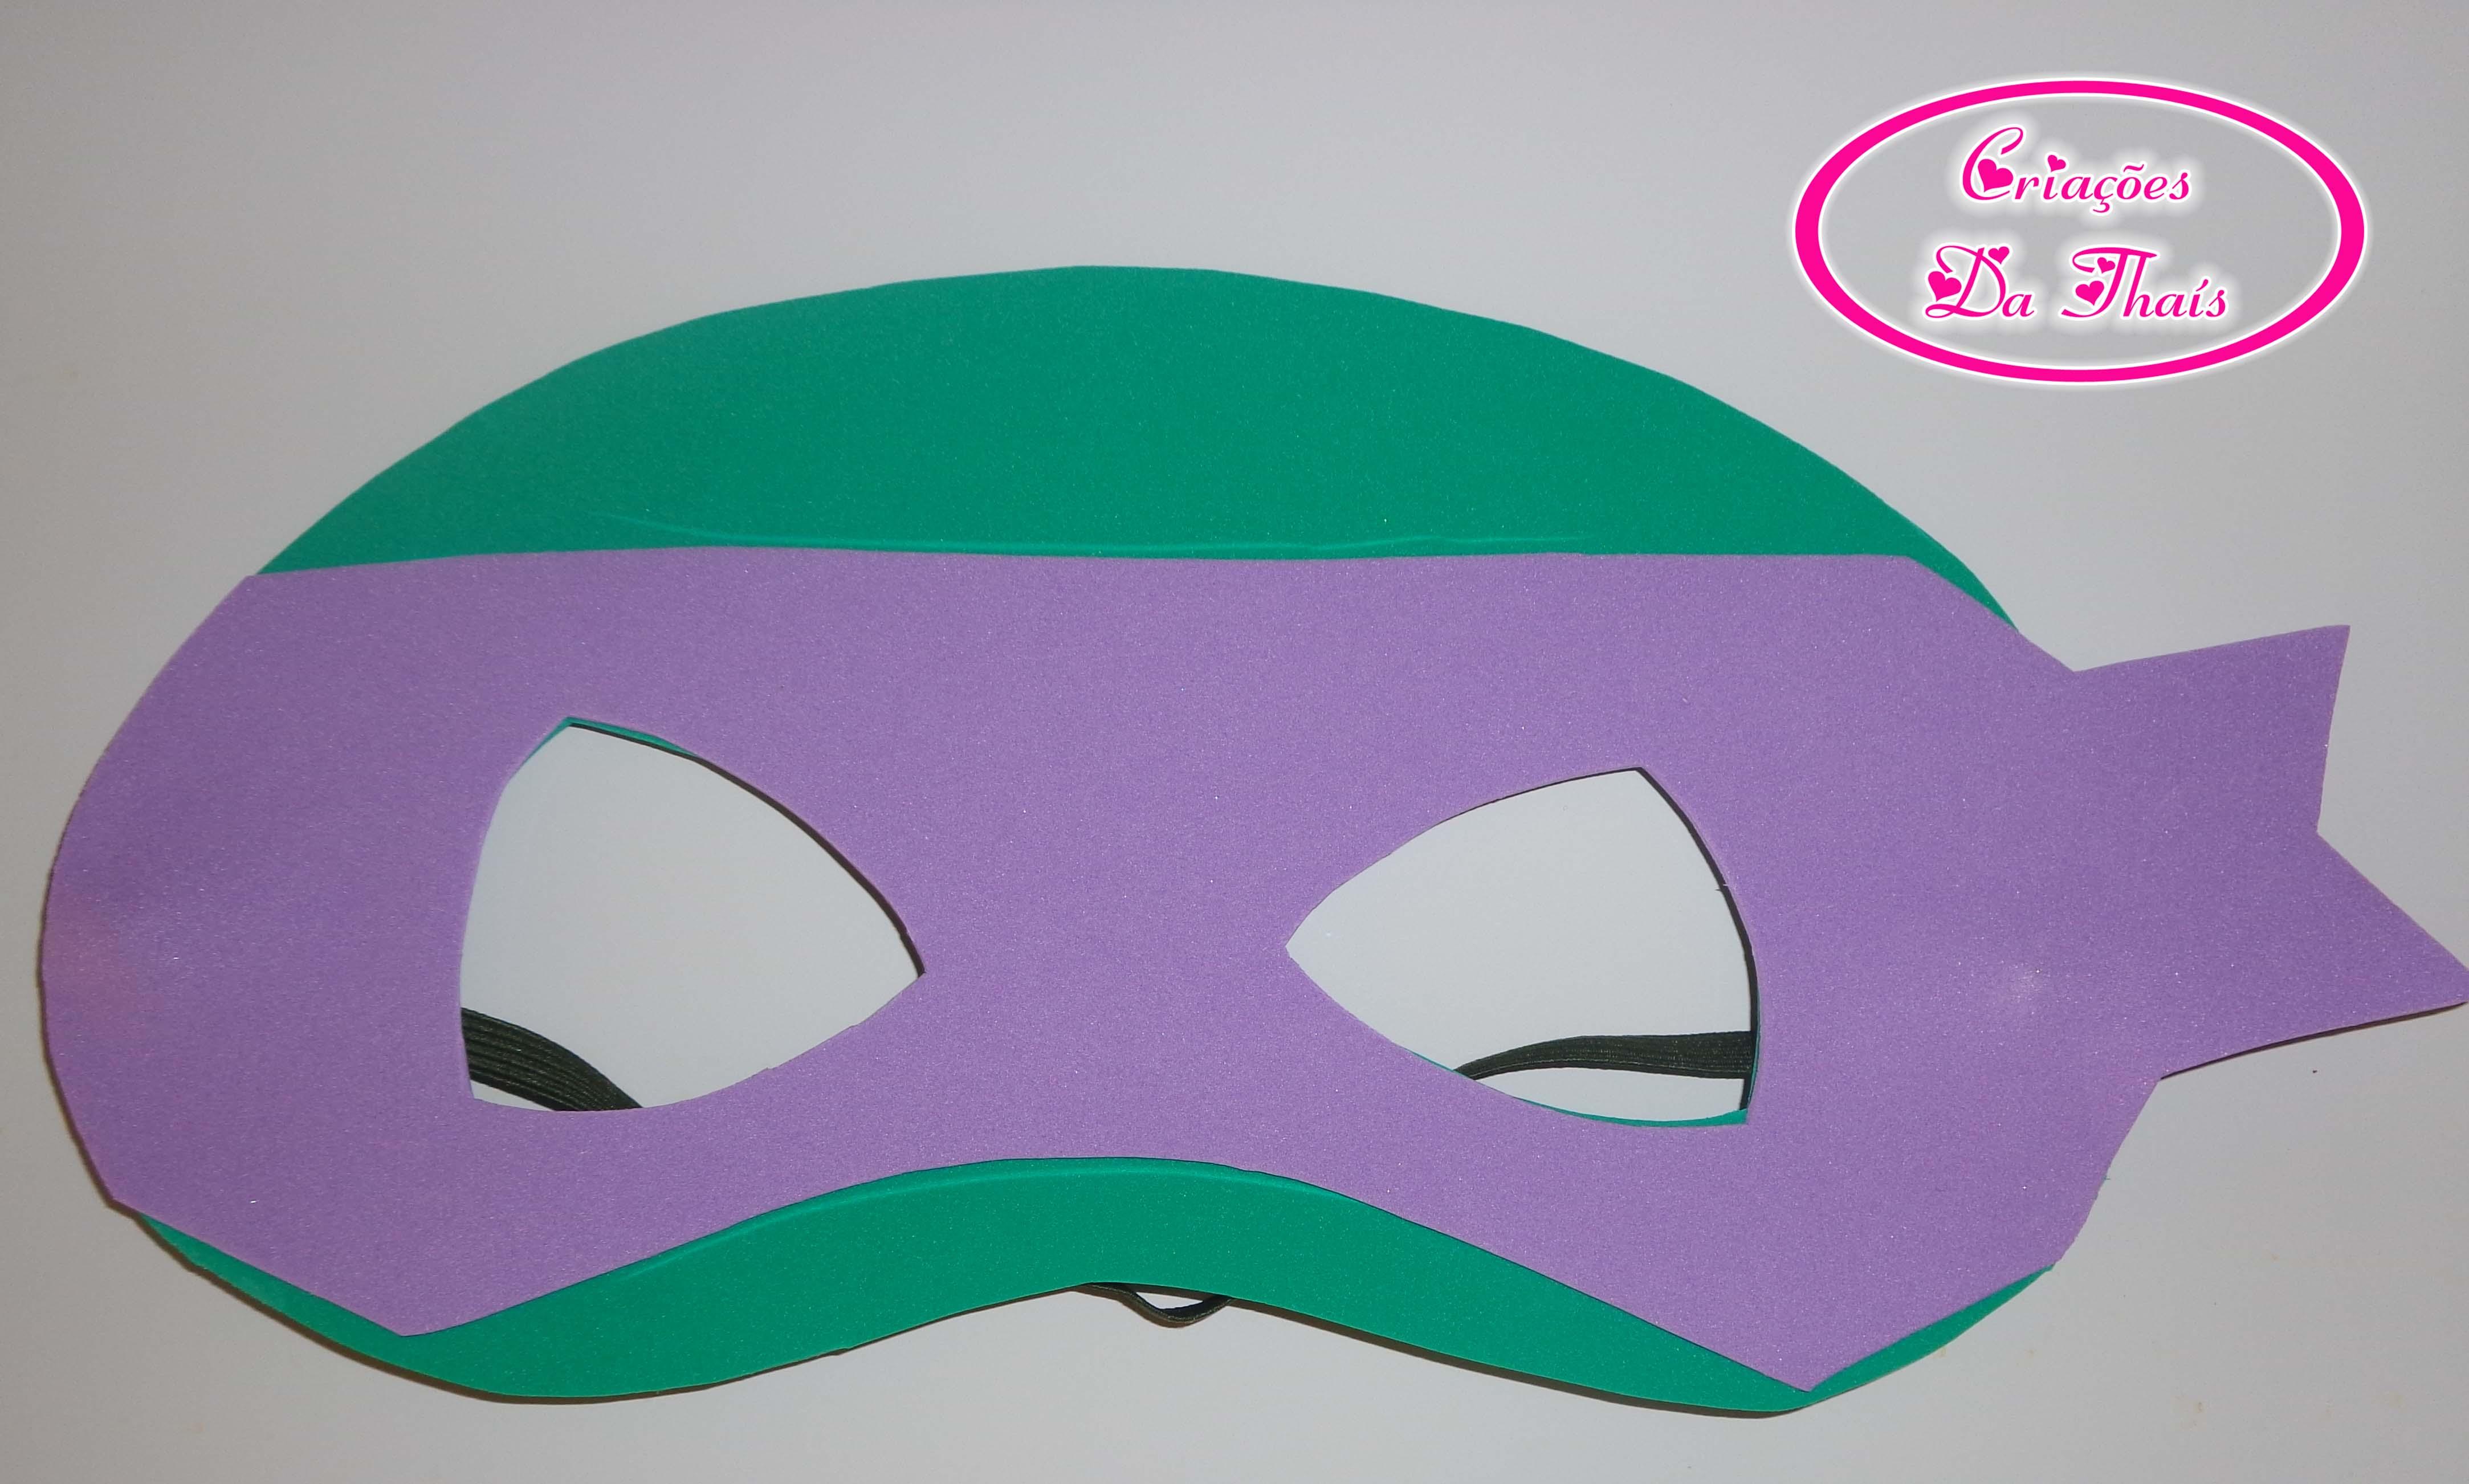 Mascara Em Eva Tartarugas Ninja No Elo7 Criacoes Da Thais 4fcc25